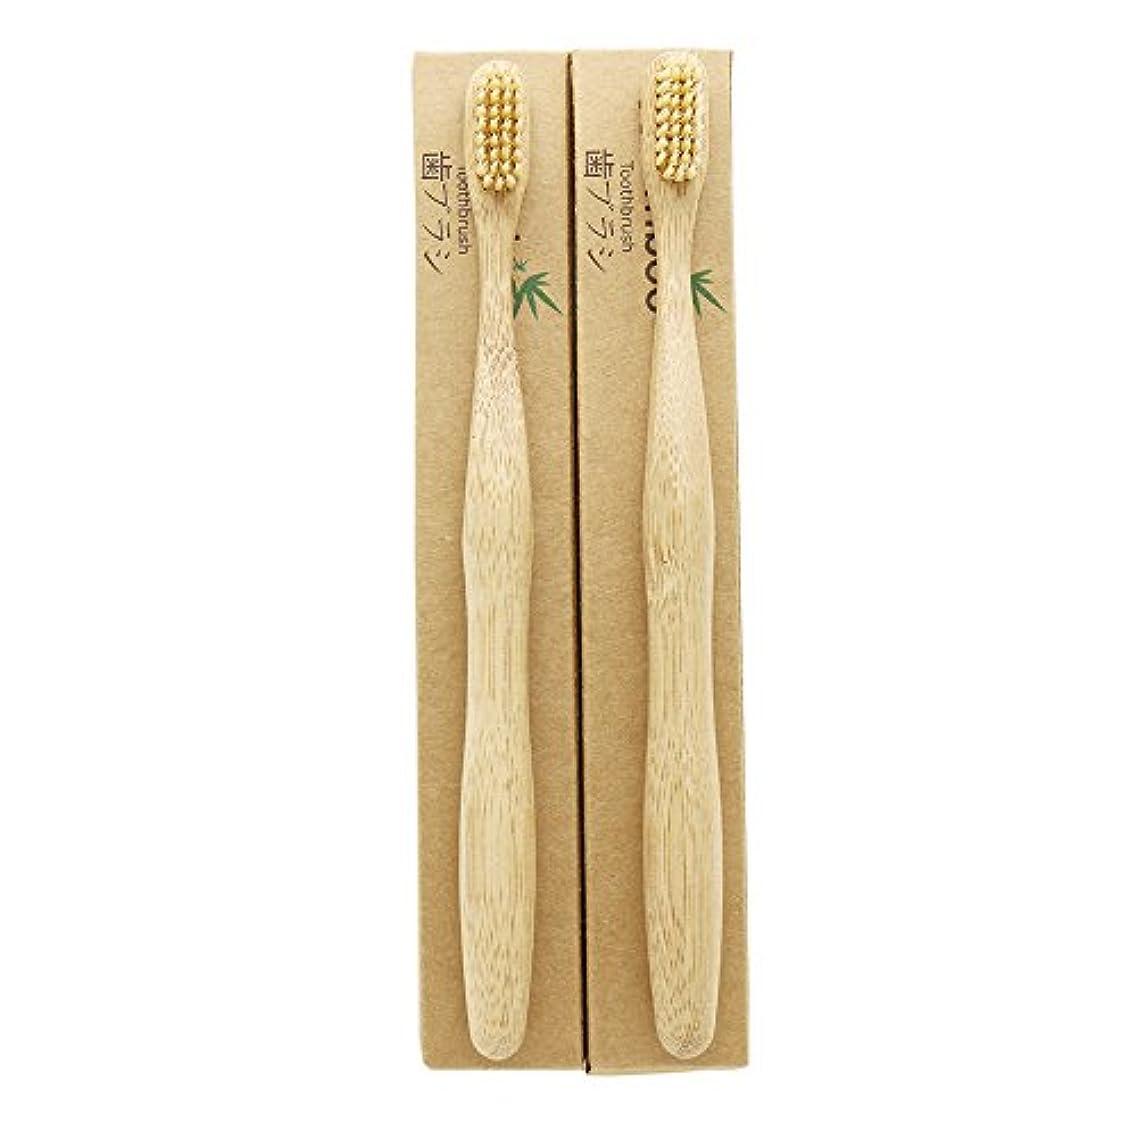 バーターソーシャルミスペンドN-amboo 竹製耐久度高い 歯ブラシ ハンドル大きい 2本入りセット ベージュ